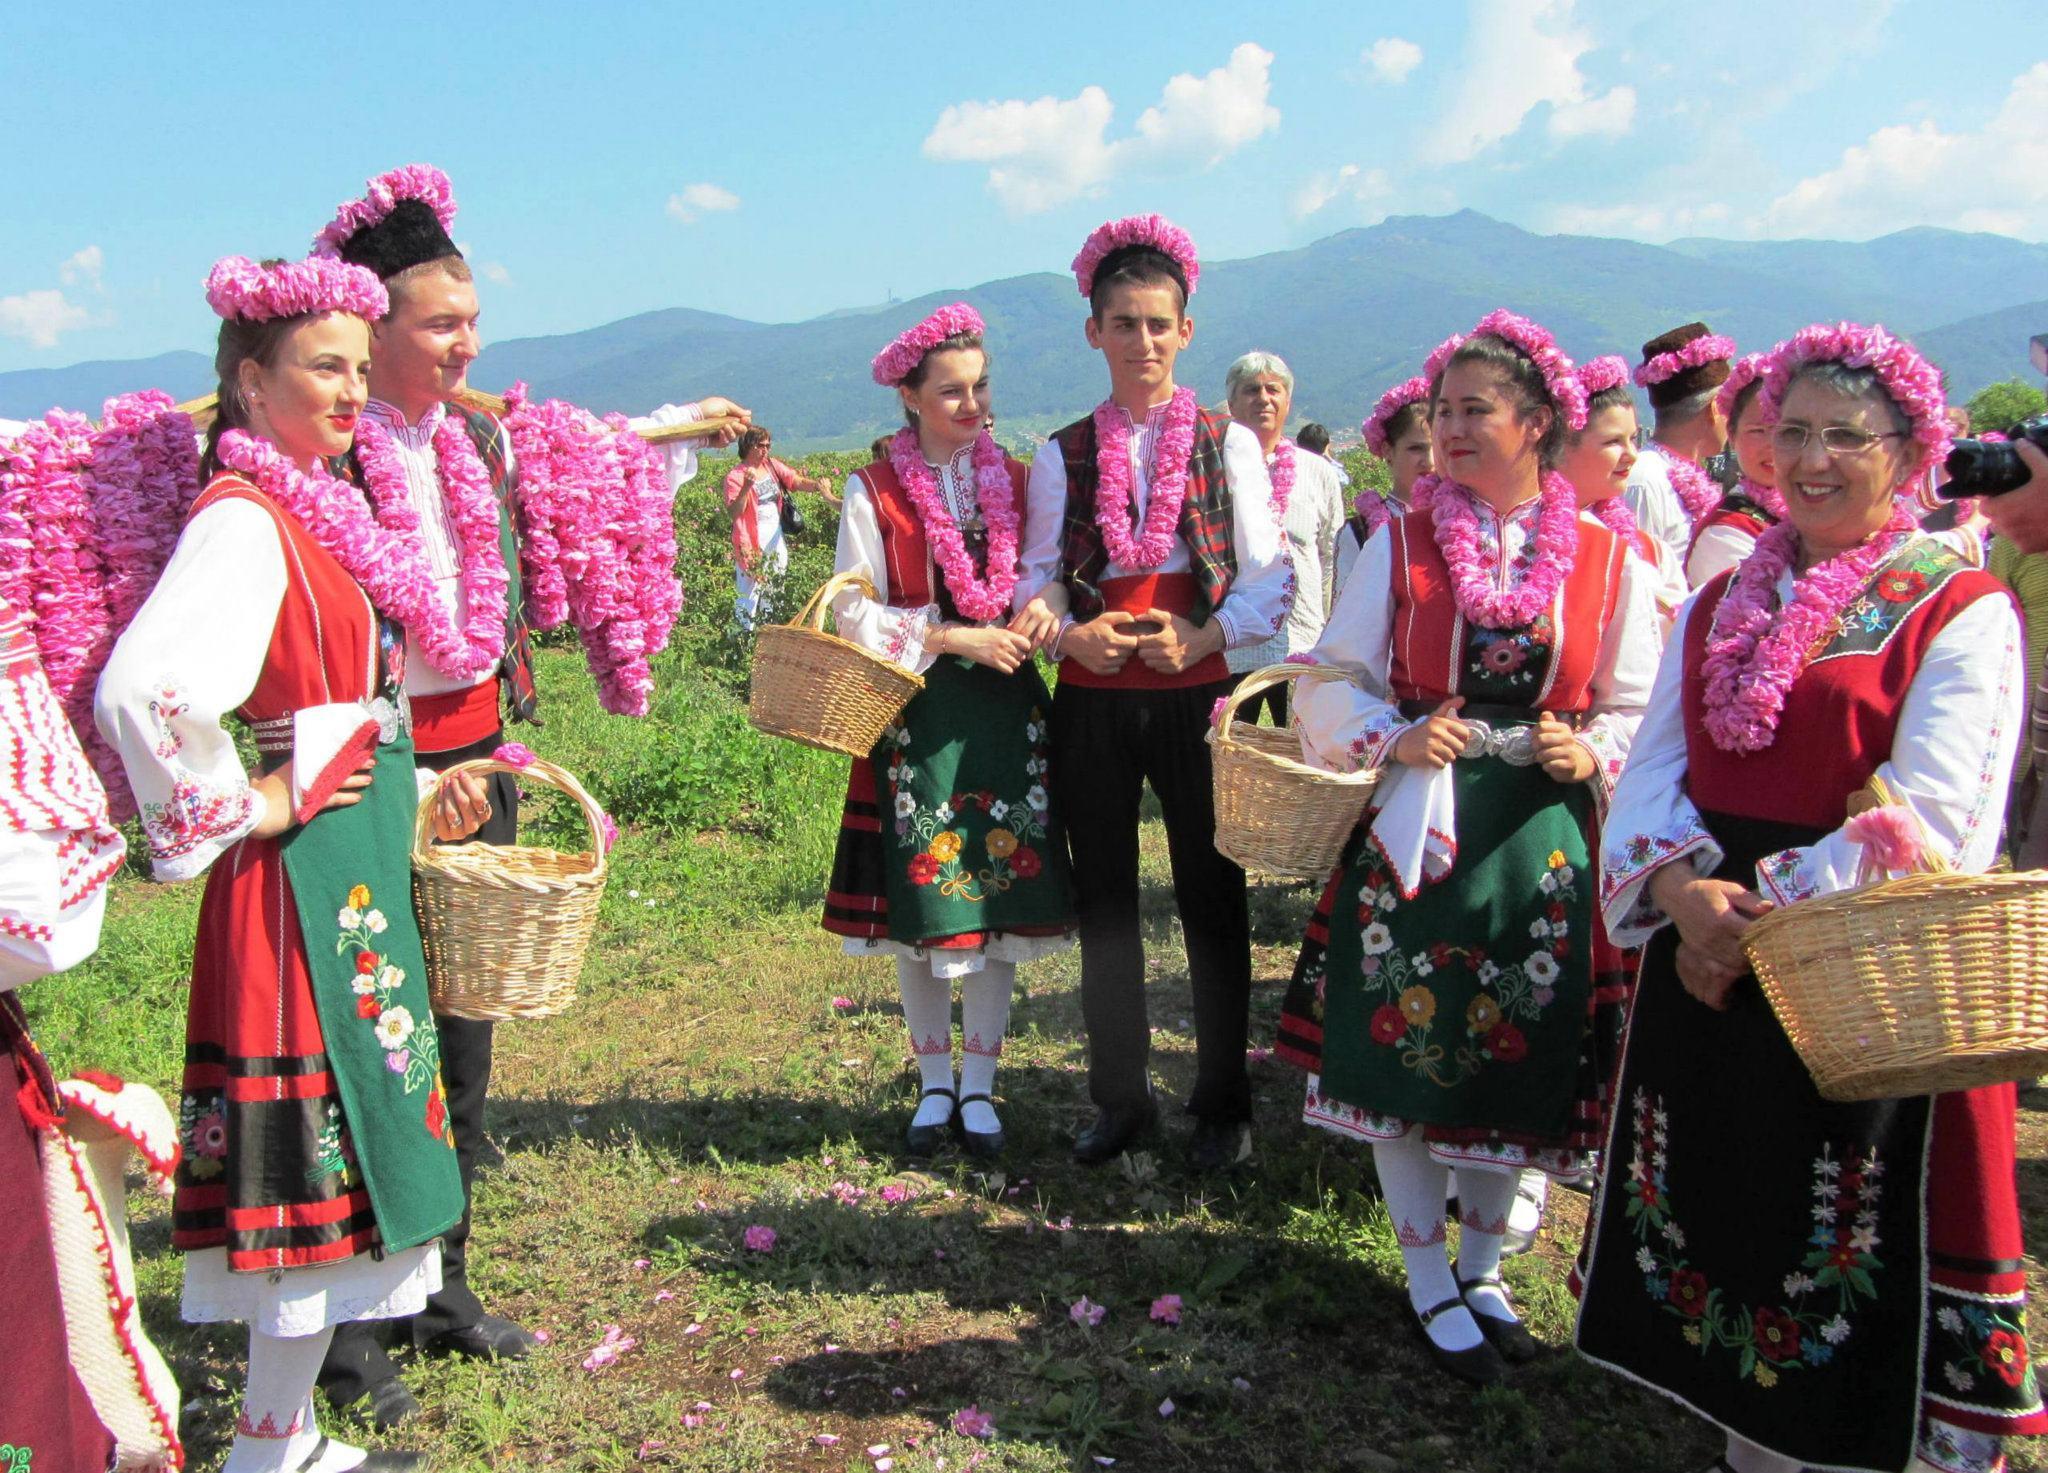 фестиваль розы в болгарии